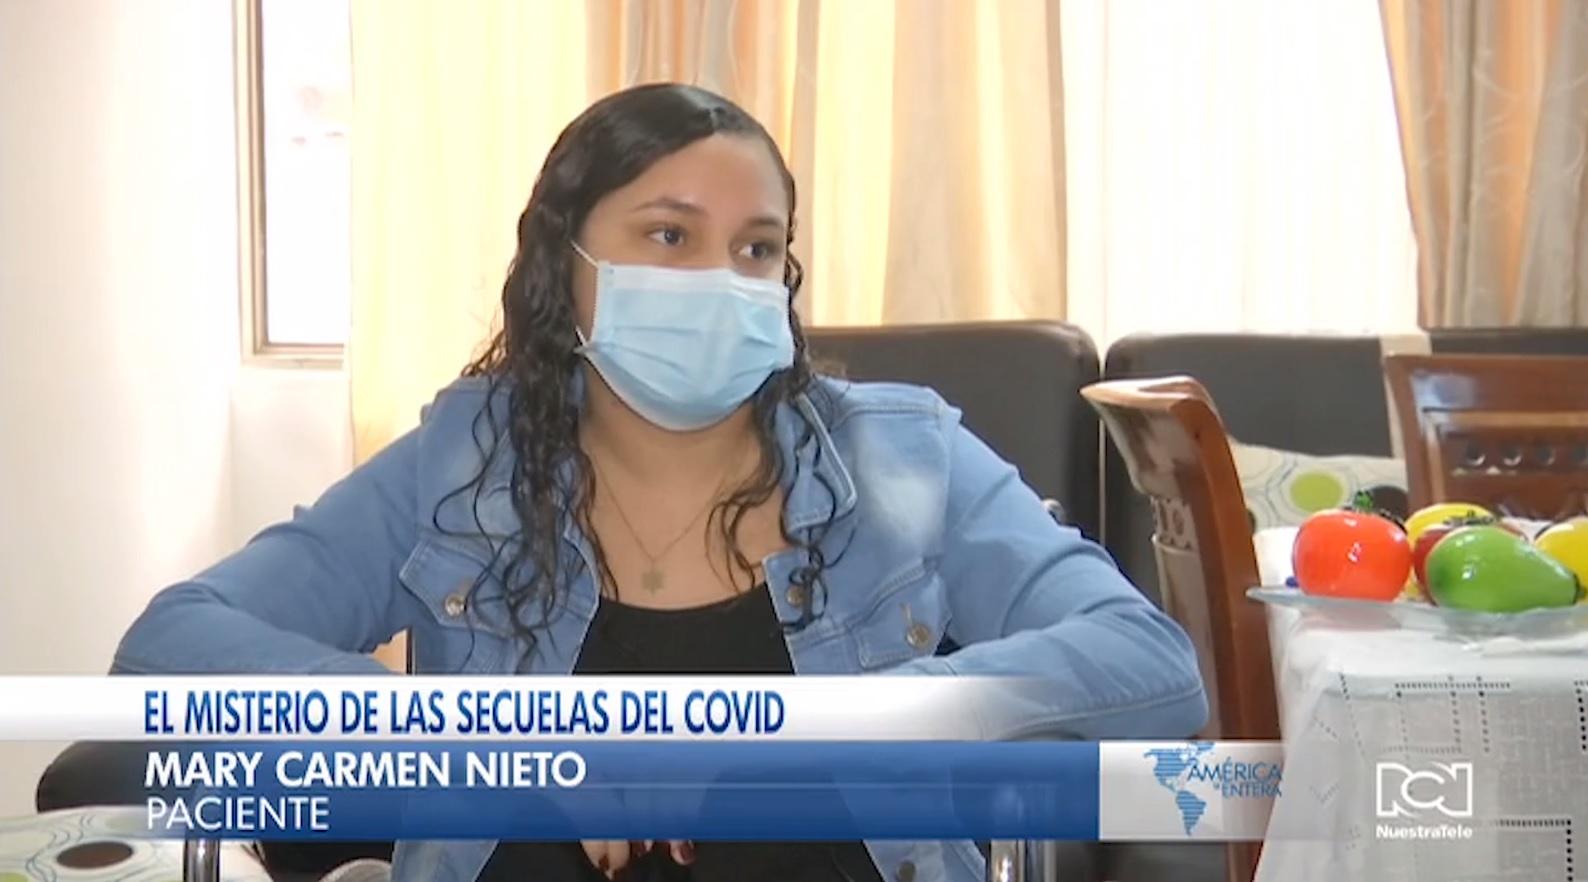 Colombiana que sufre las secuelas del Covid-19 envía un mensaje a los jóvenes del país